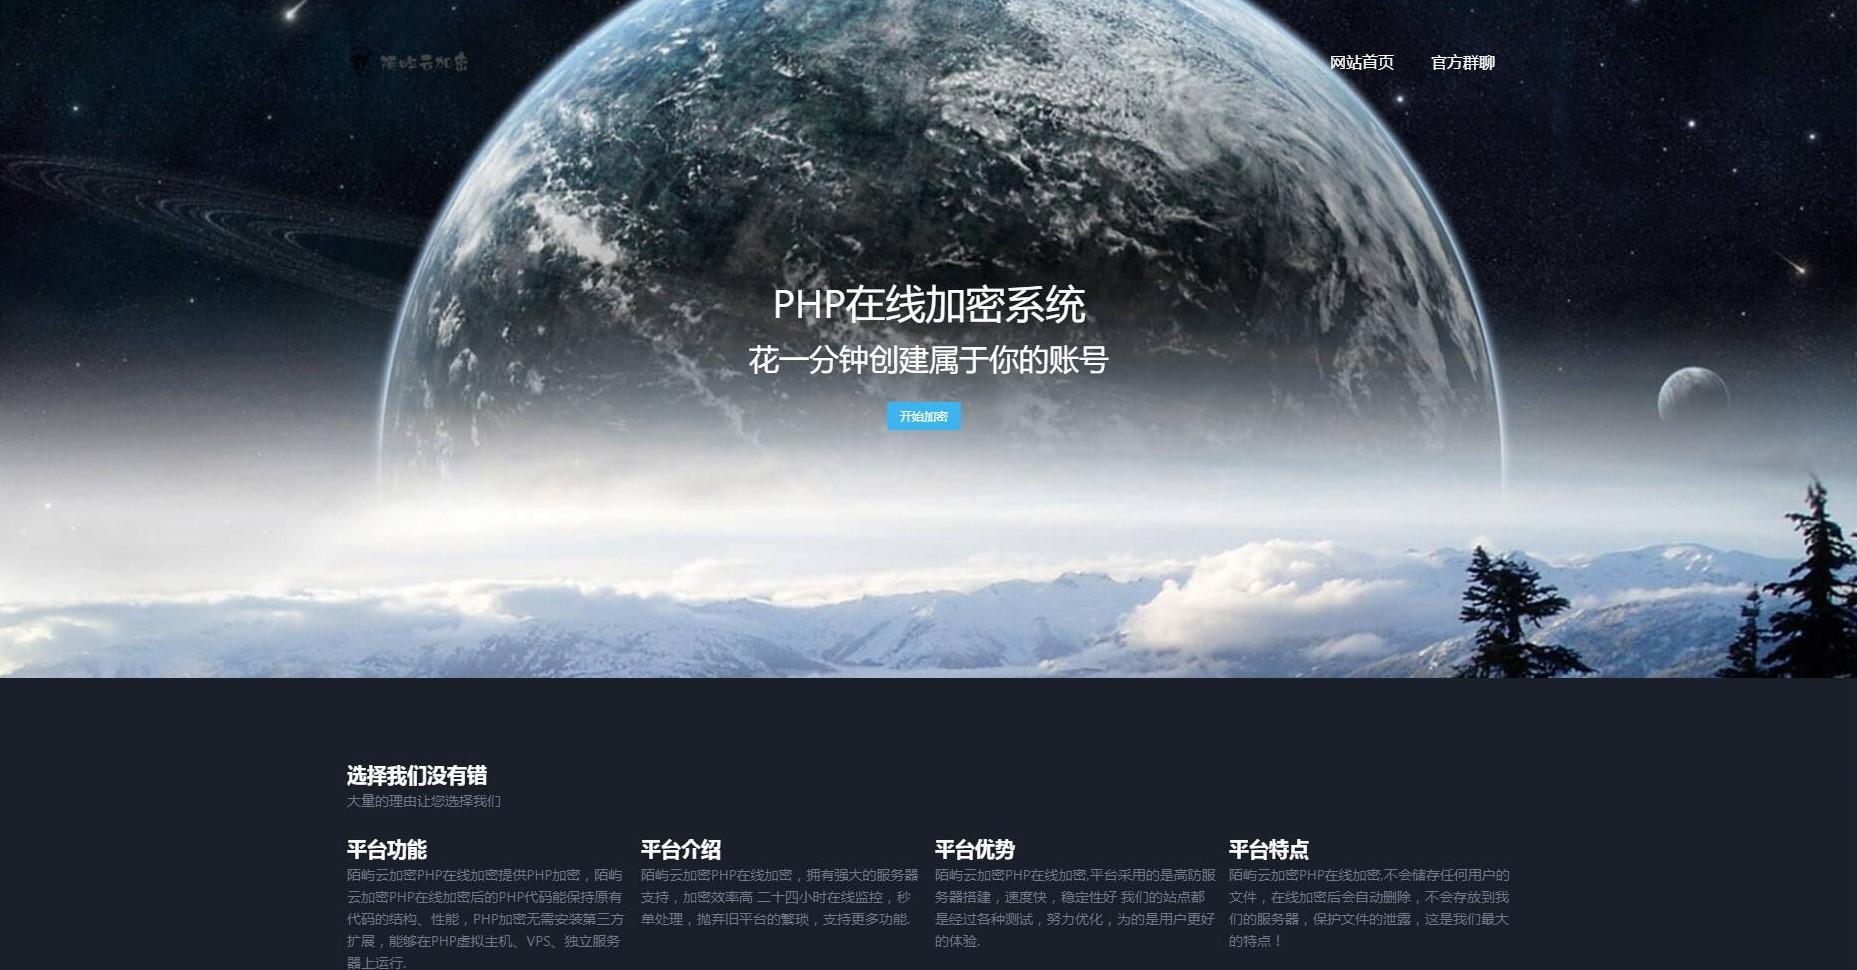 陌屿云PHP代码在线加密系统源码